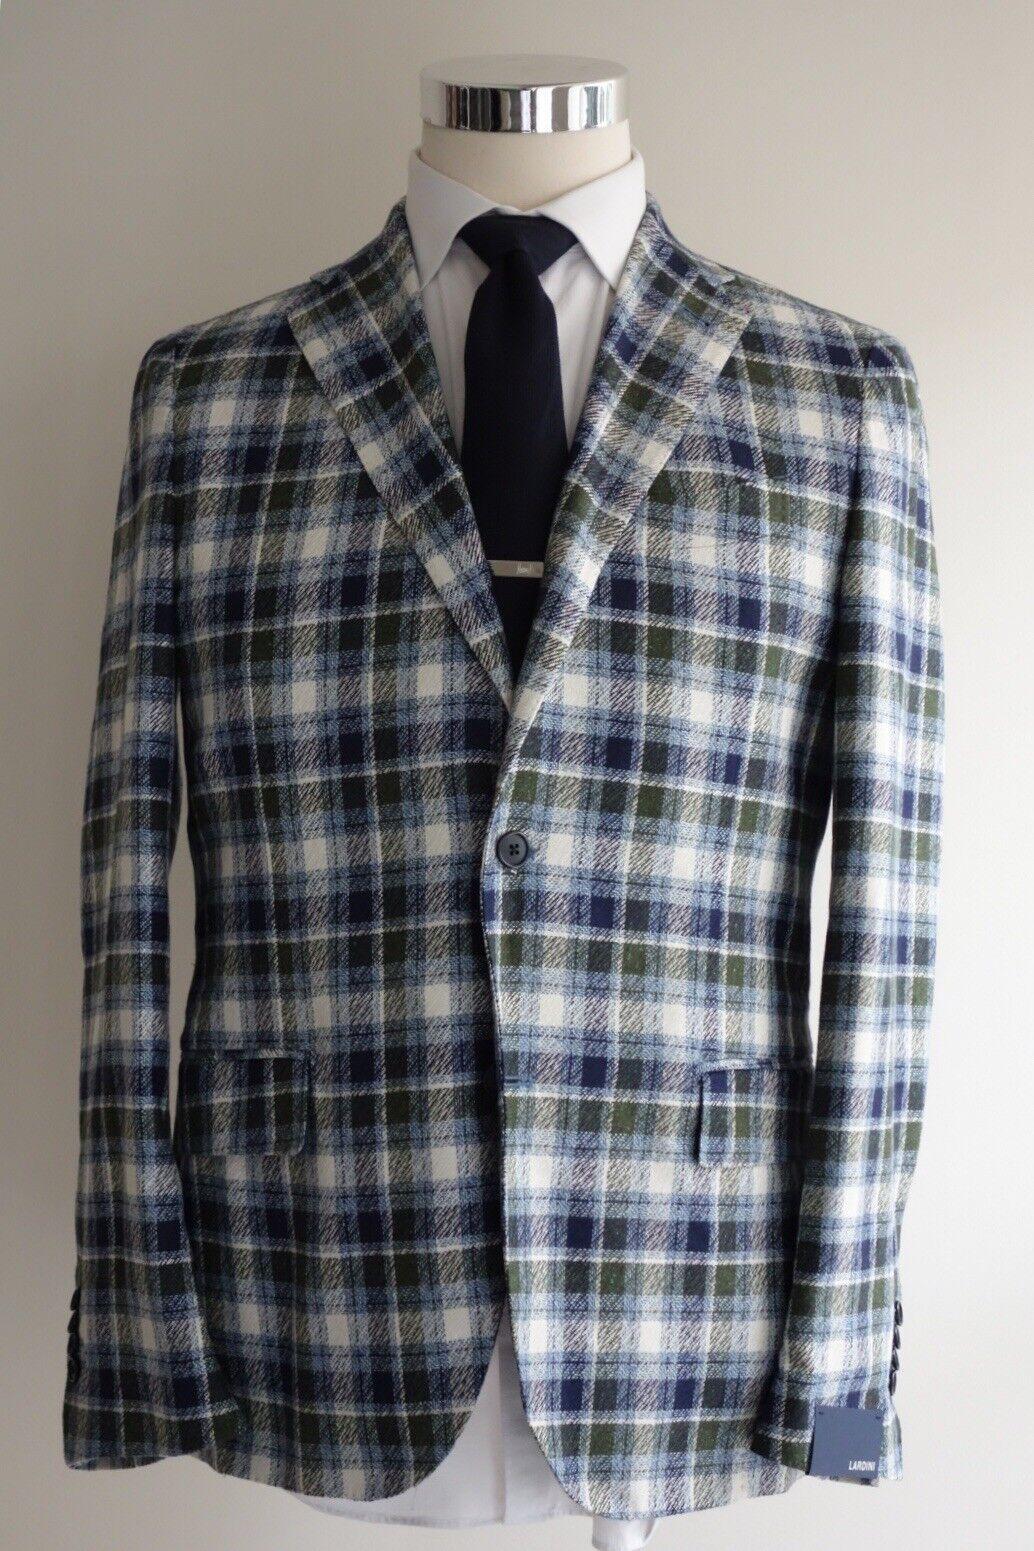 NEW 1890 Lardini 100% Silk Sport Coat 40R/50R Grün Blau Tartan Unlined Plaid